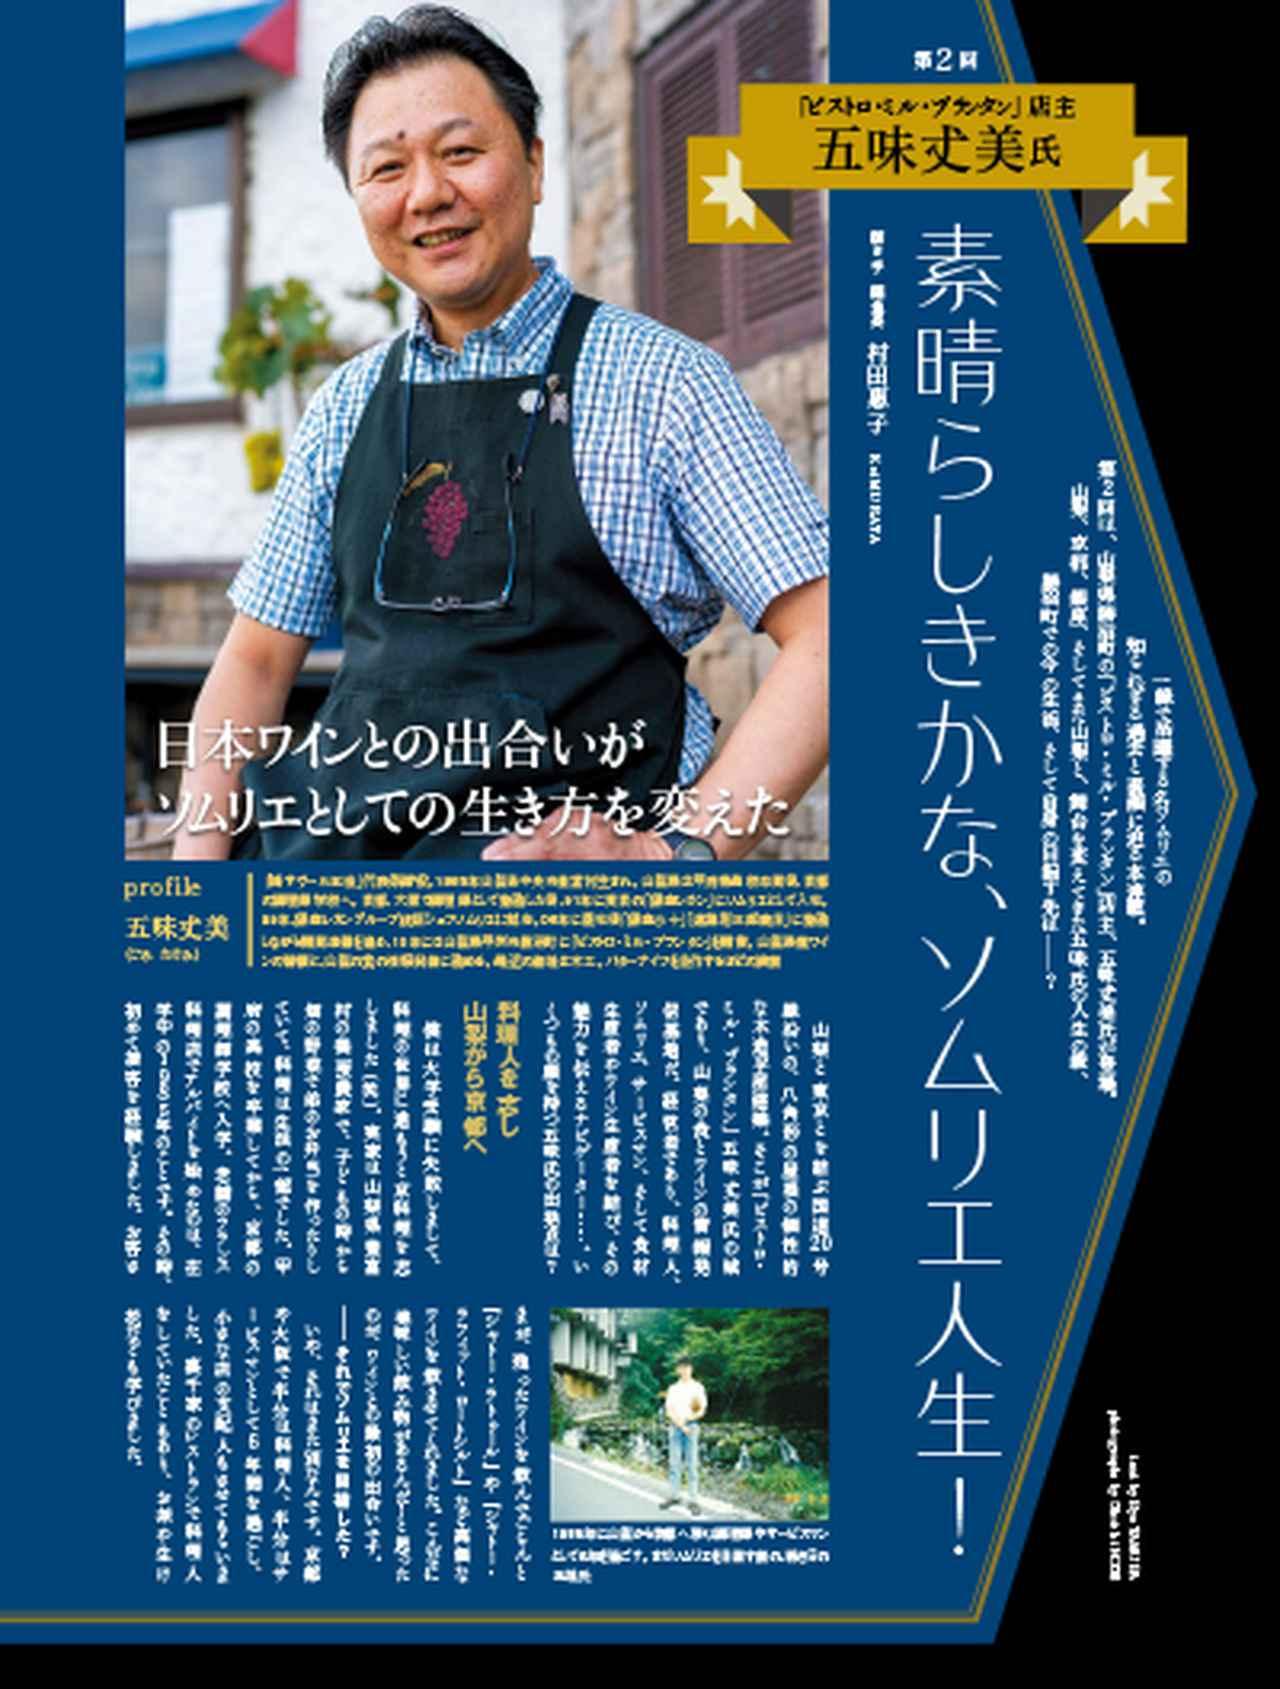 画像11: 『ワイン王国 119号』銘醸が造る ちょっと贅沢なおうち飲みブルゴーニュ/日本ワインをとことん楽しむ!/ワイン好きにぜひ飲んでいただきたい日本酒